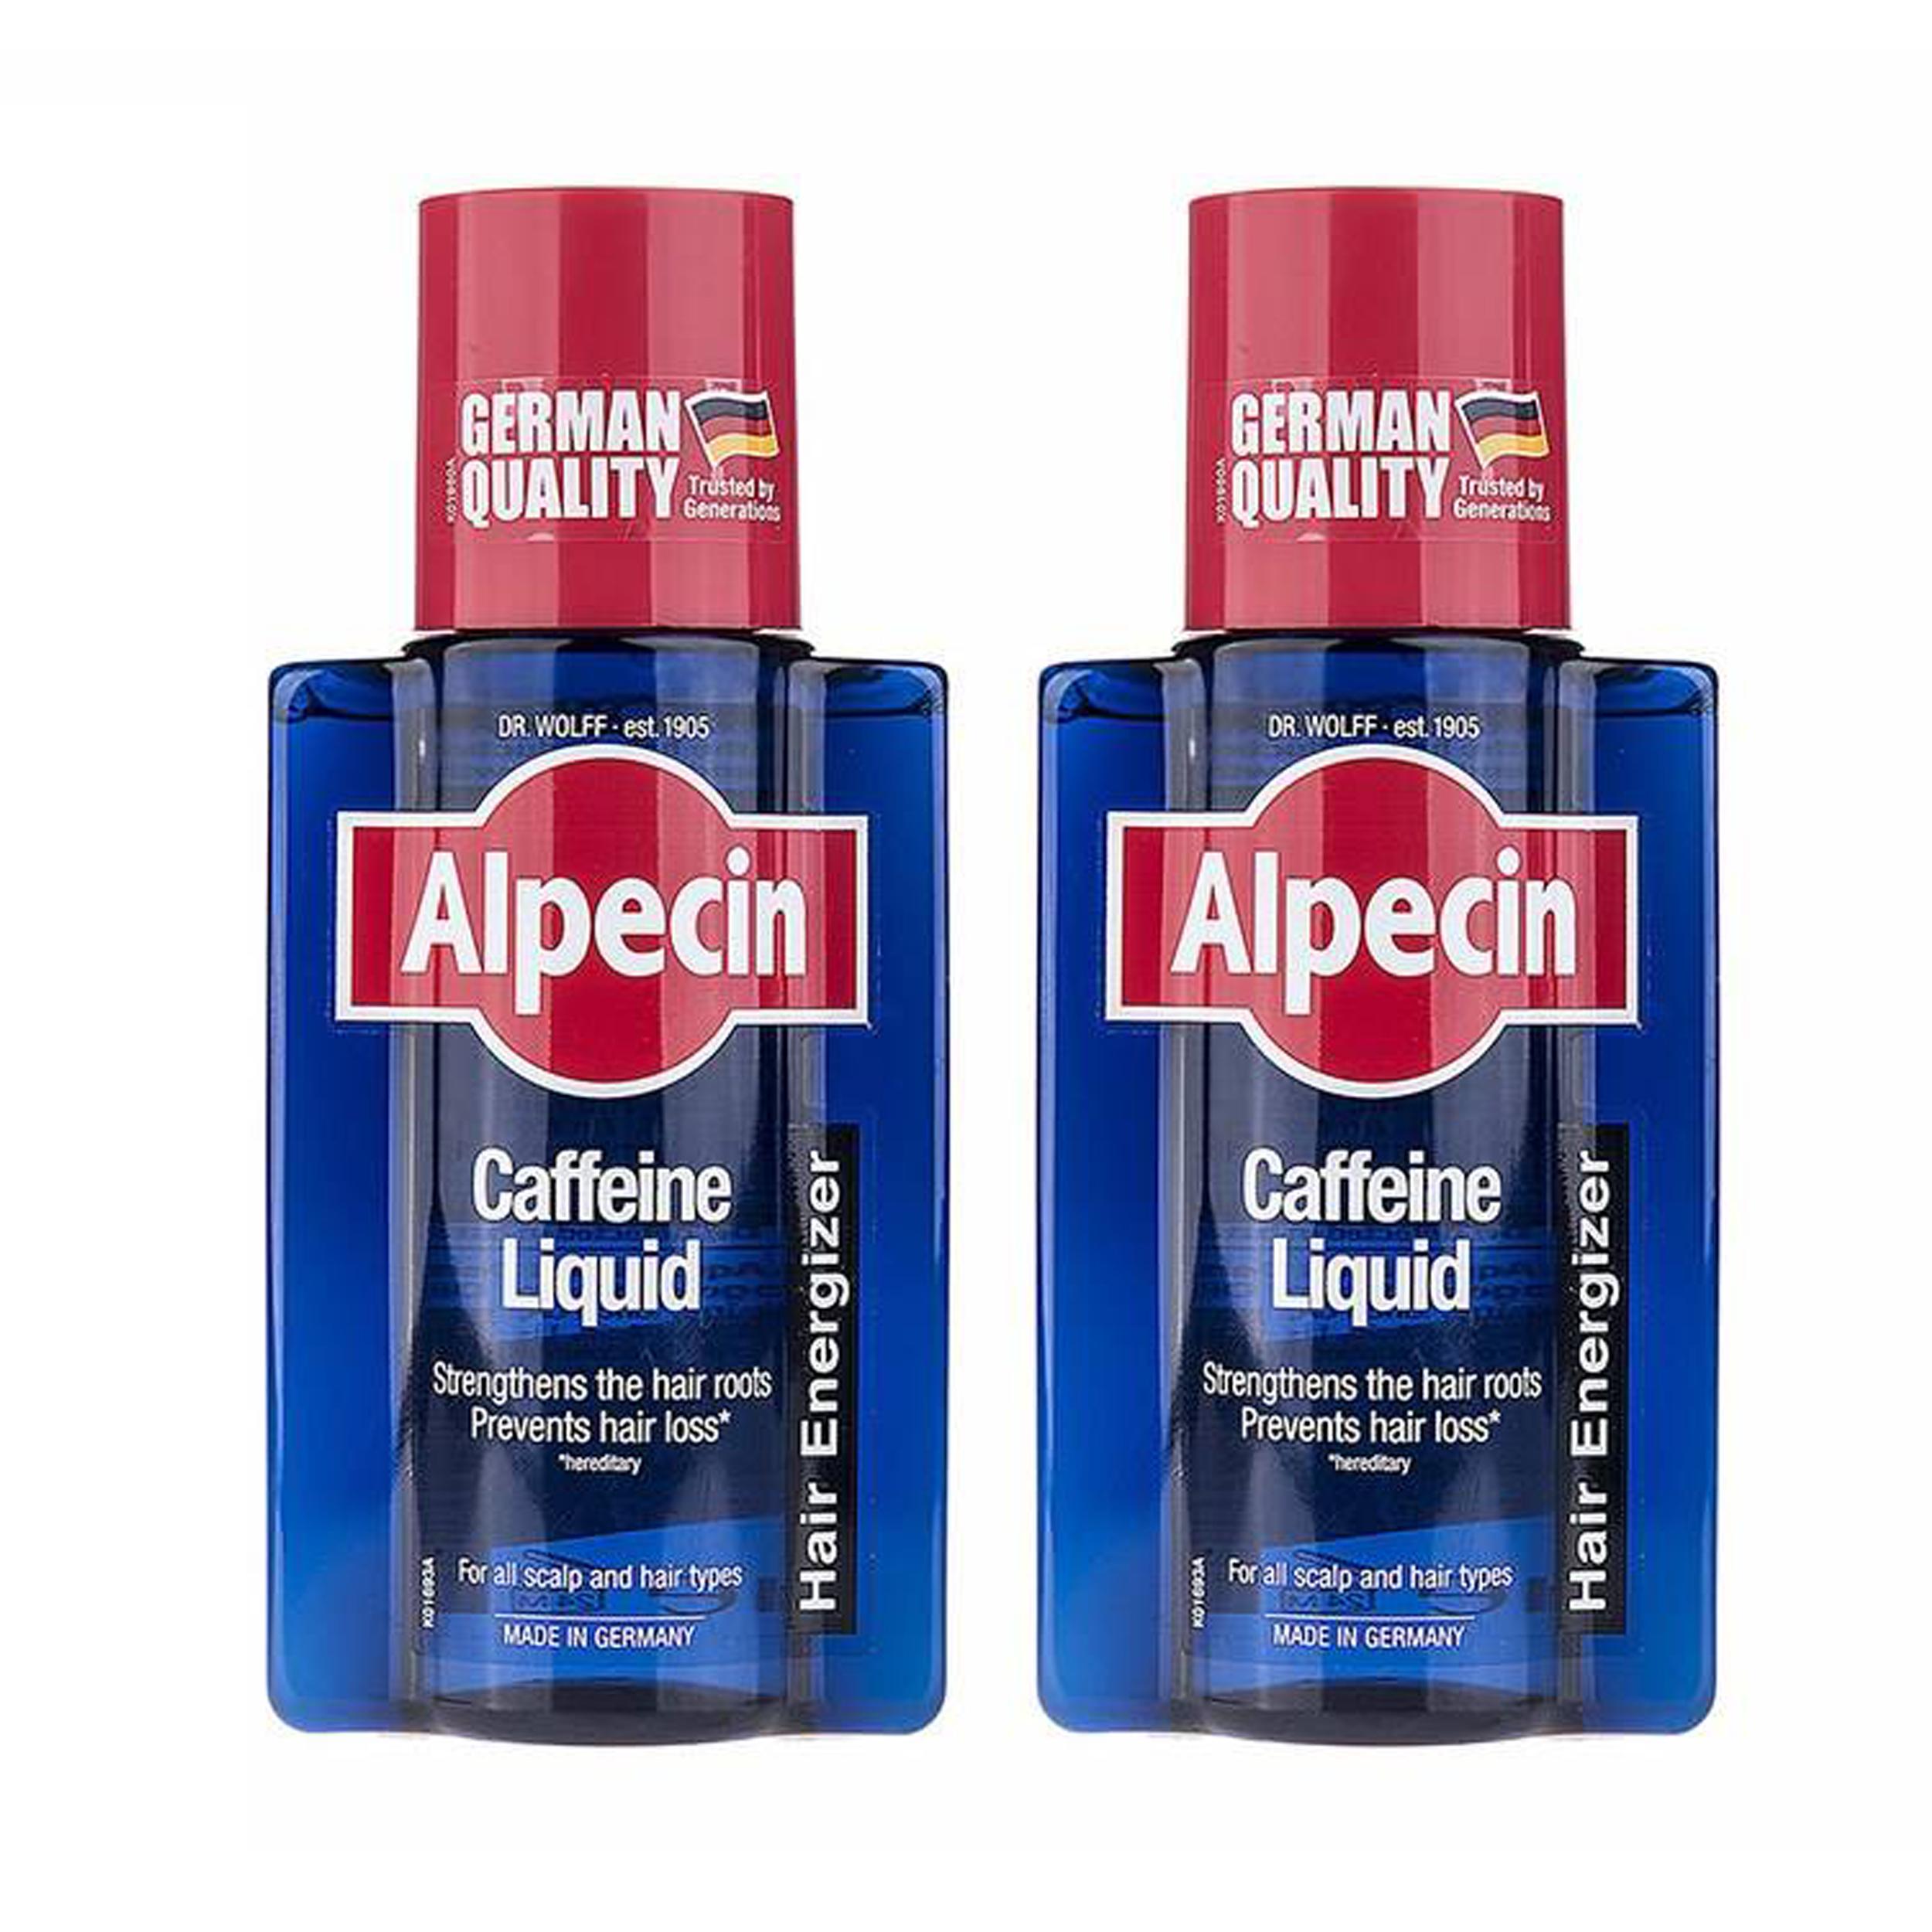 محلول تقویت کننده مو آلپسین مدل Caffeine حجم 200 میلی لیتر مجموعه 2 عددی